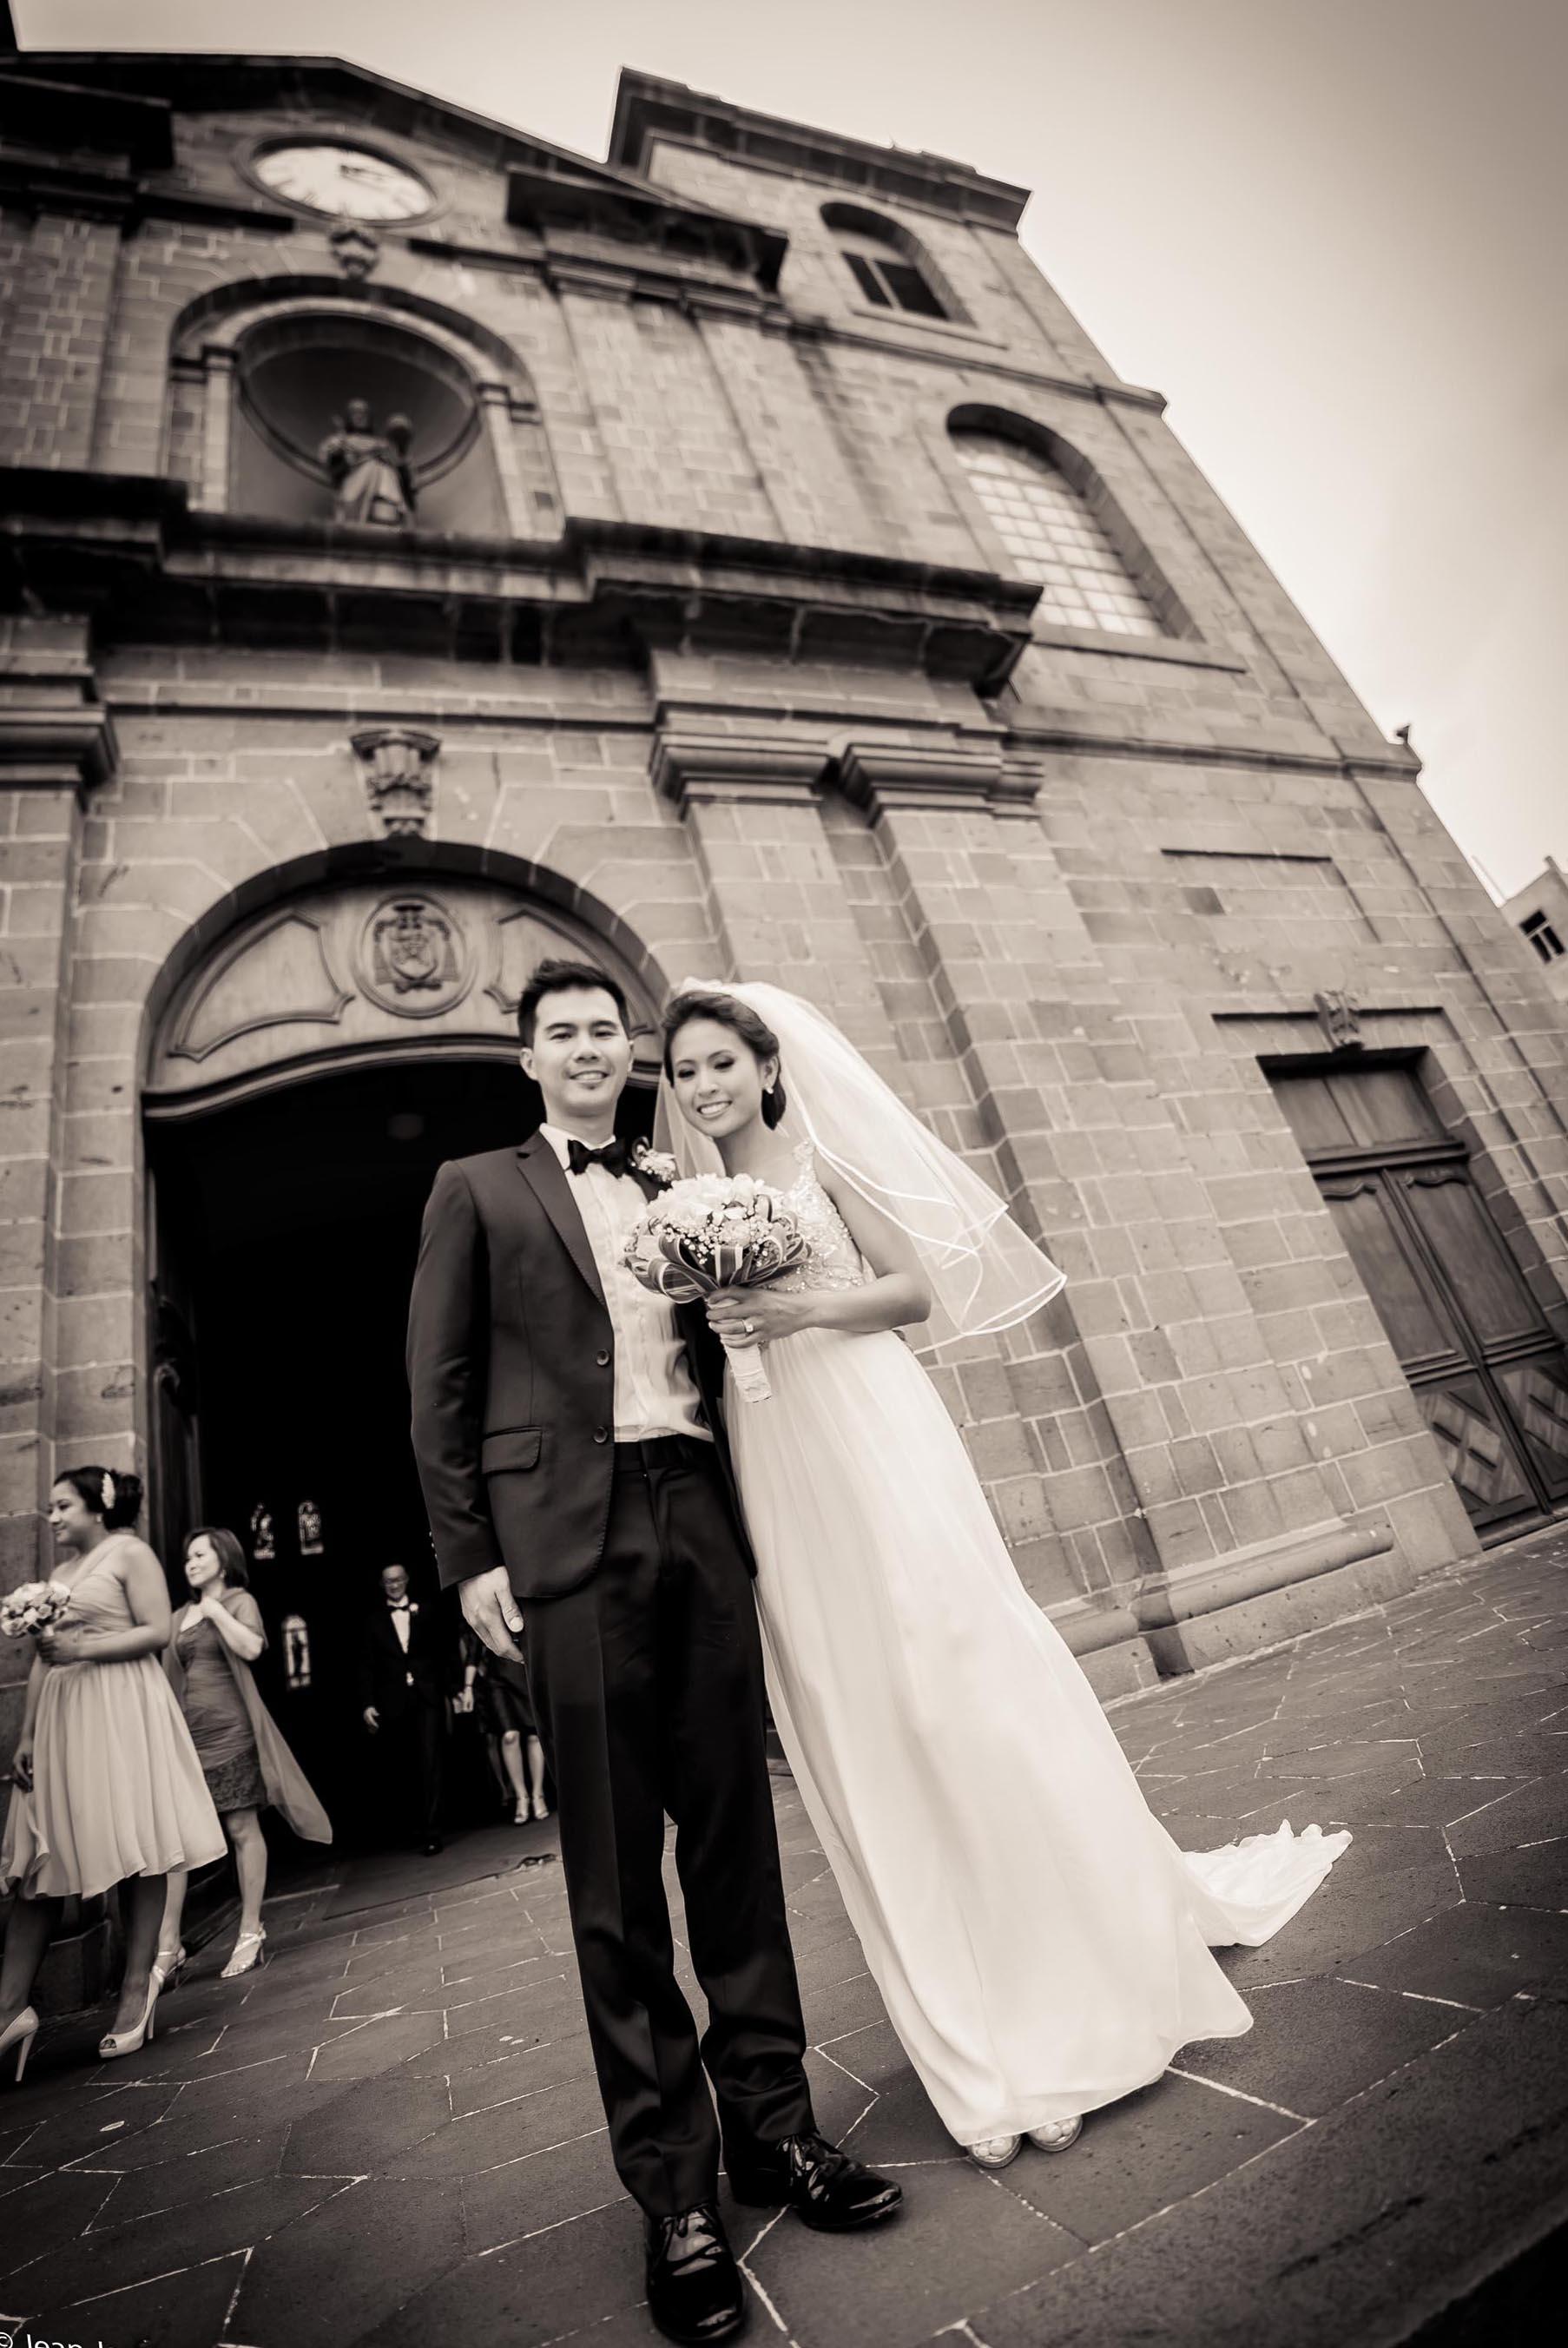 Wedding Jeff and Rachel 27-04-13-264.jpg